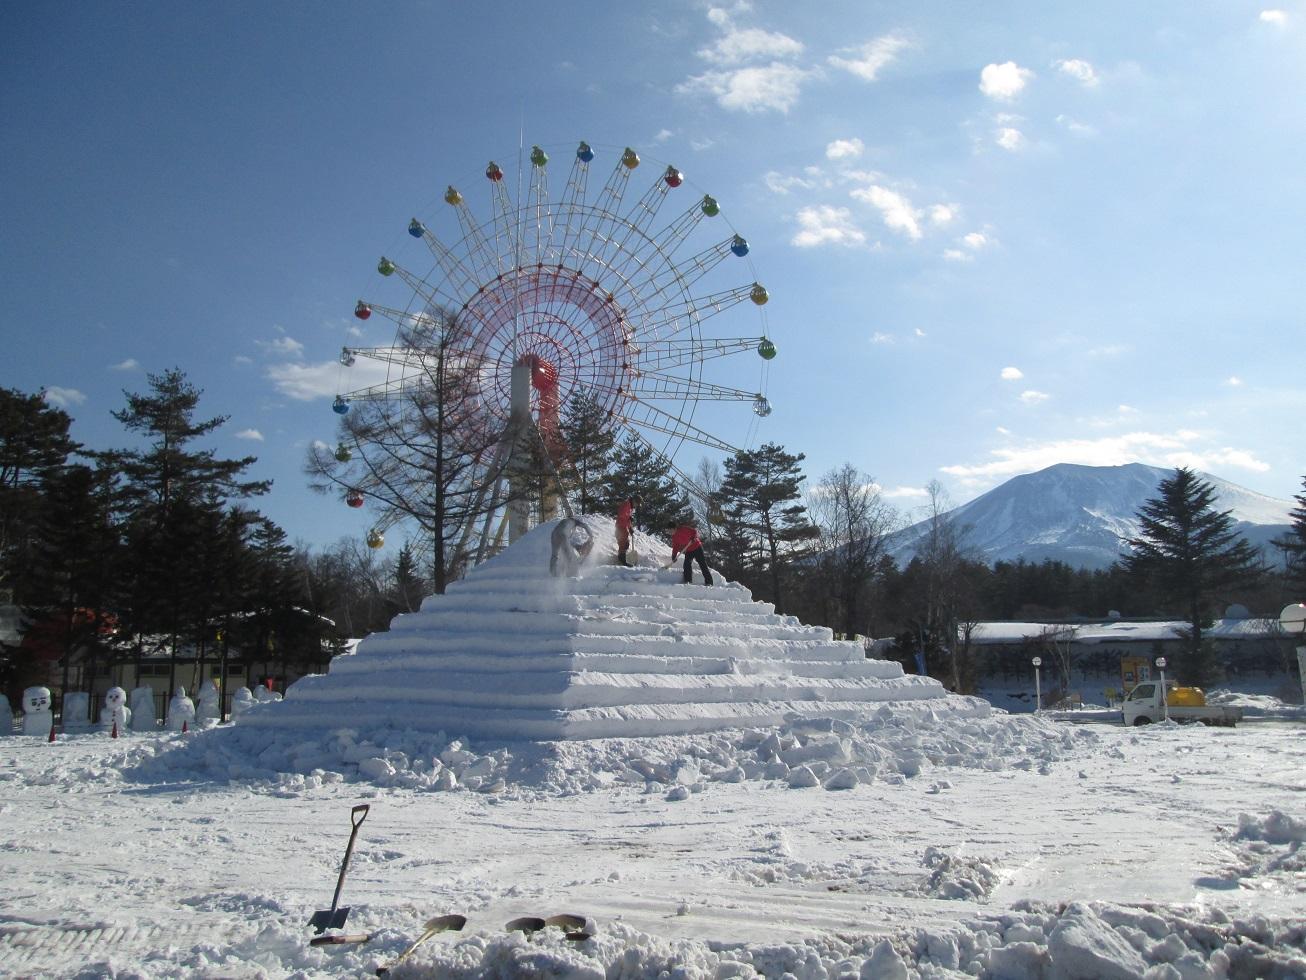 嬬恋・浅間高原ウインターフェスティバル開催前日_f0180878_20344922.jpg